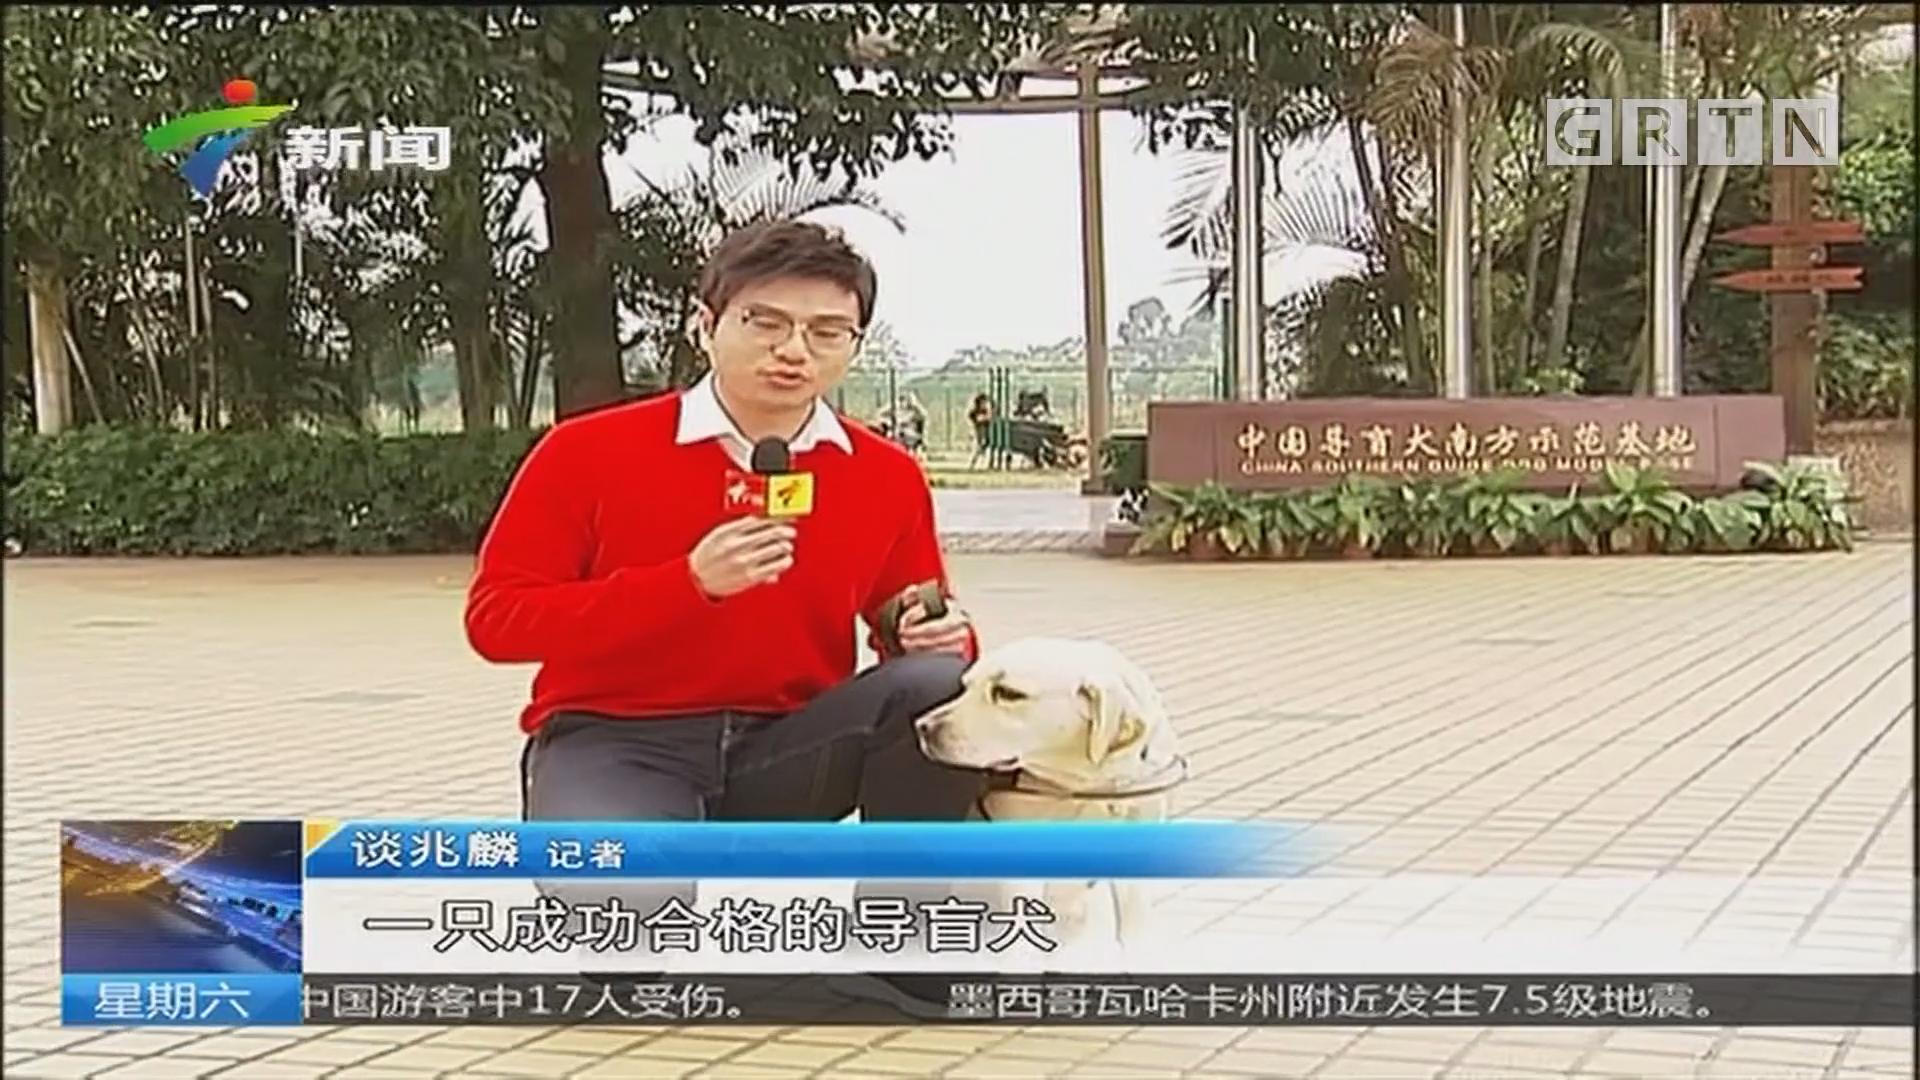 大年初二:广州首只本土服役导盲犬陪主人过节